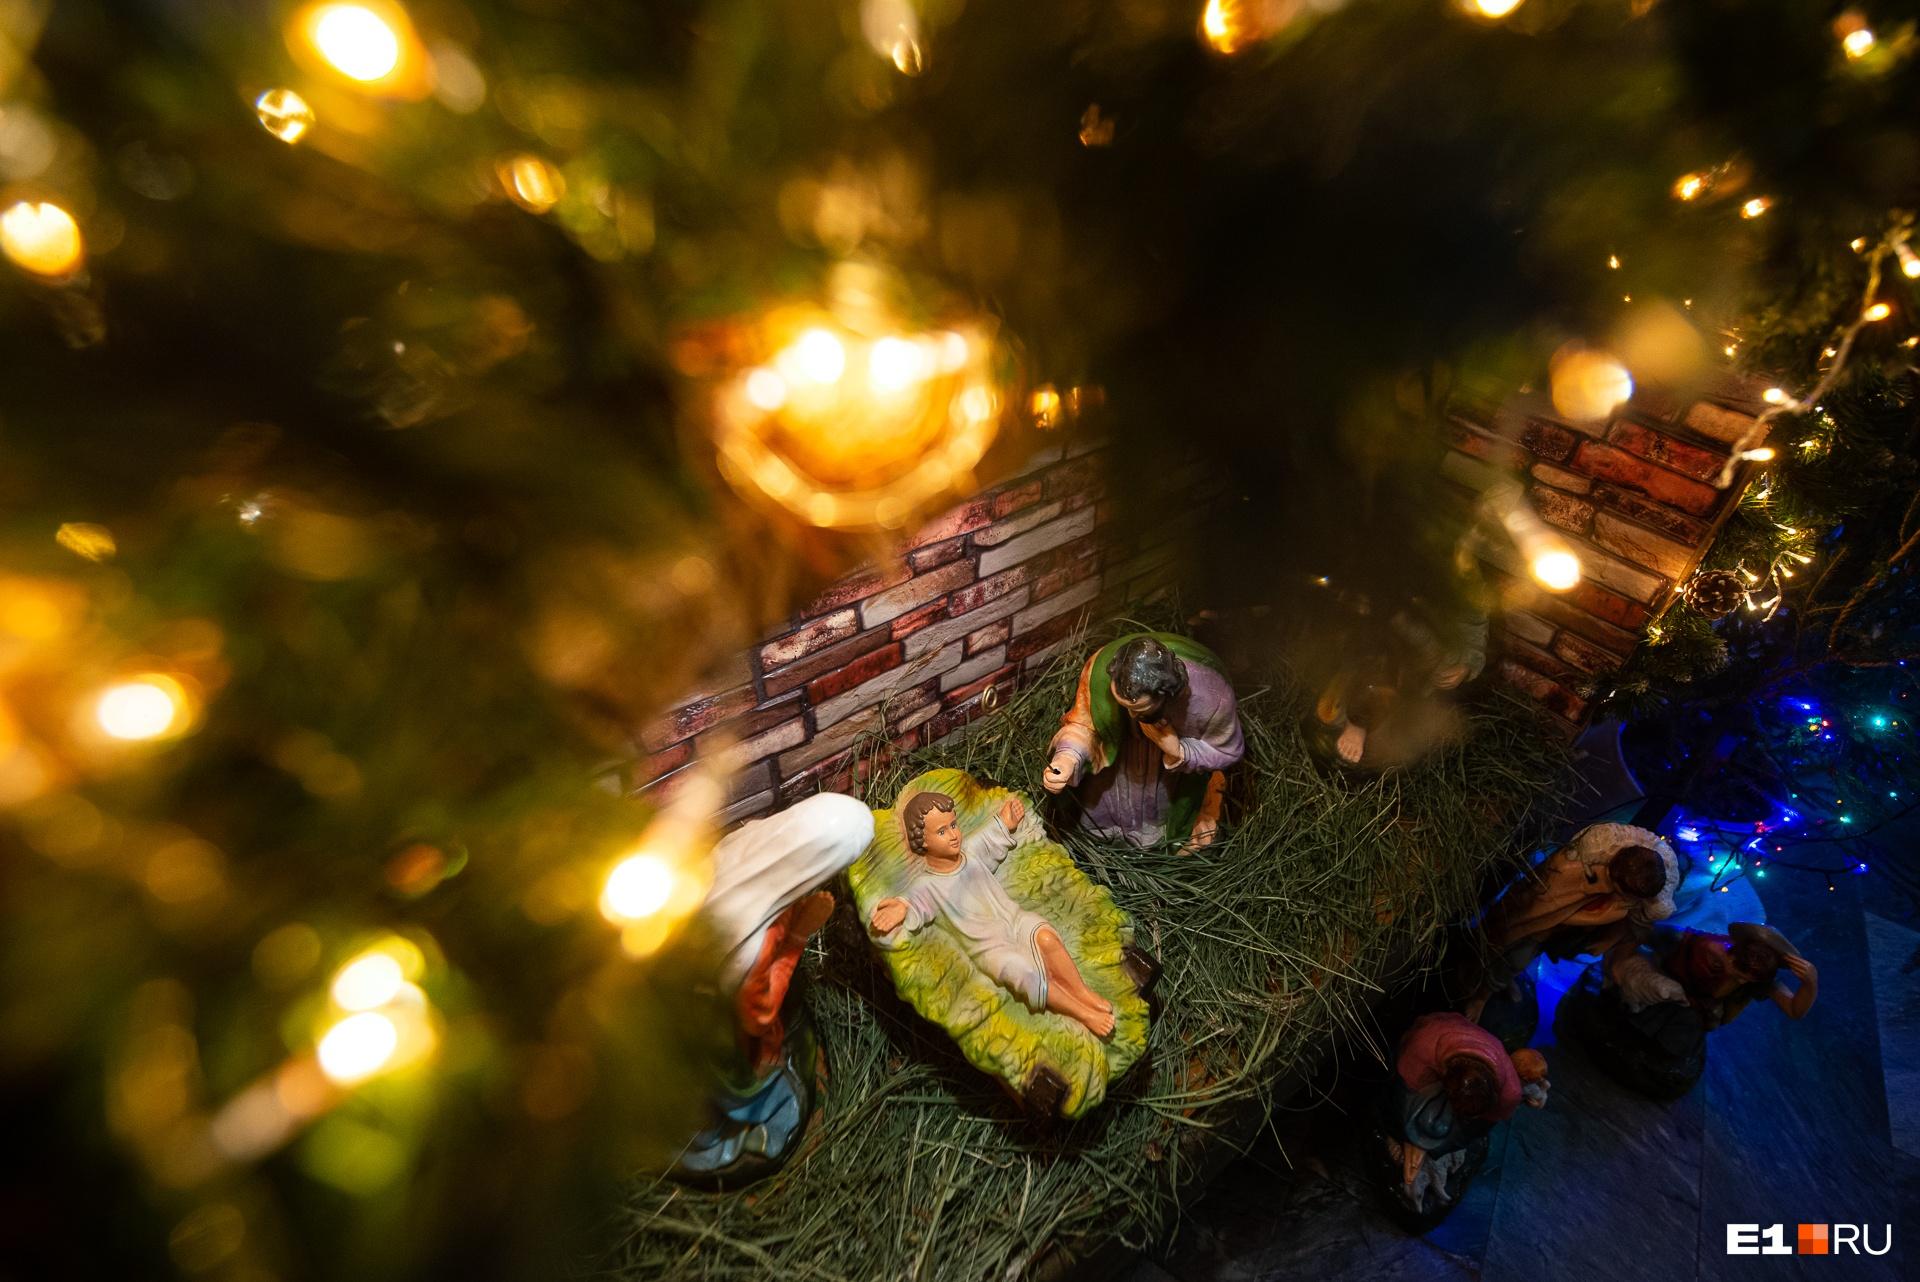 25 декабря официально у католиков наступило Рождество